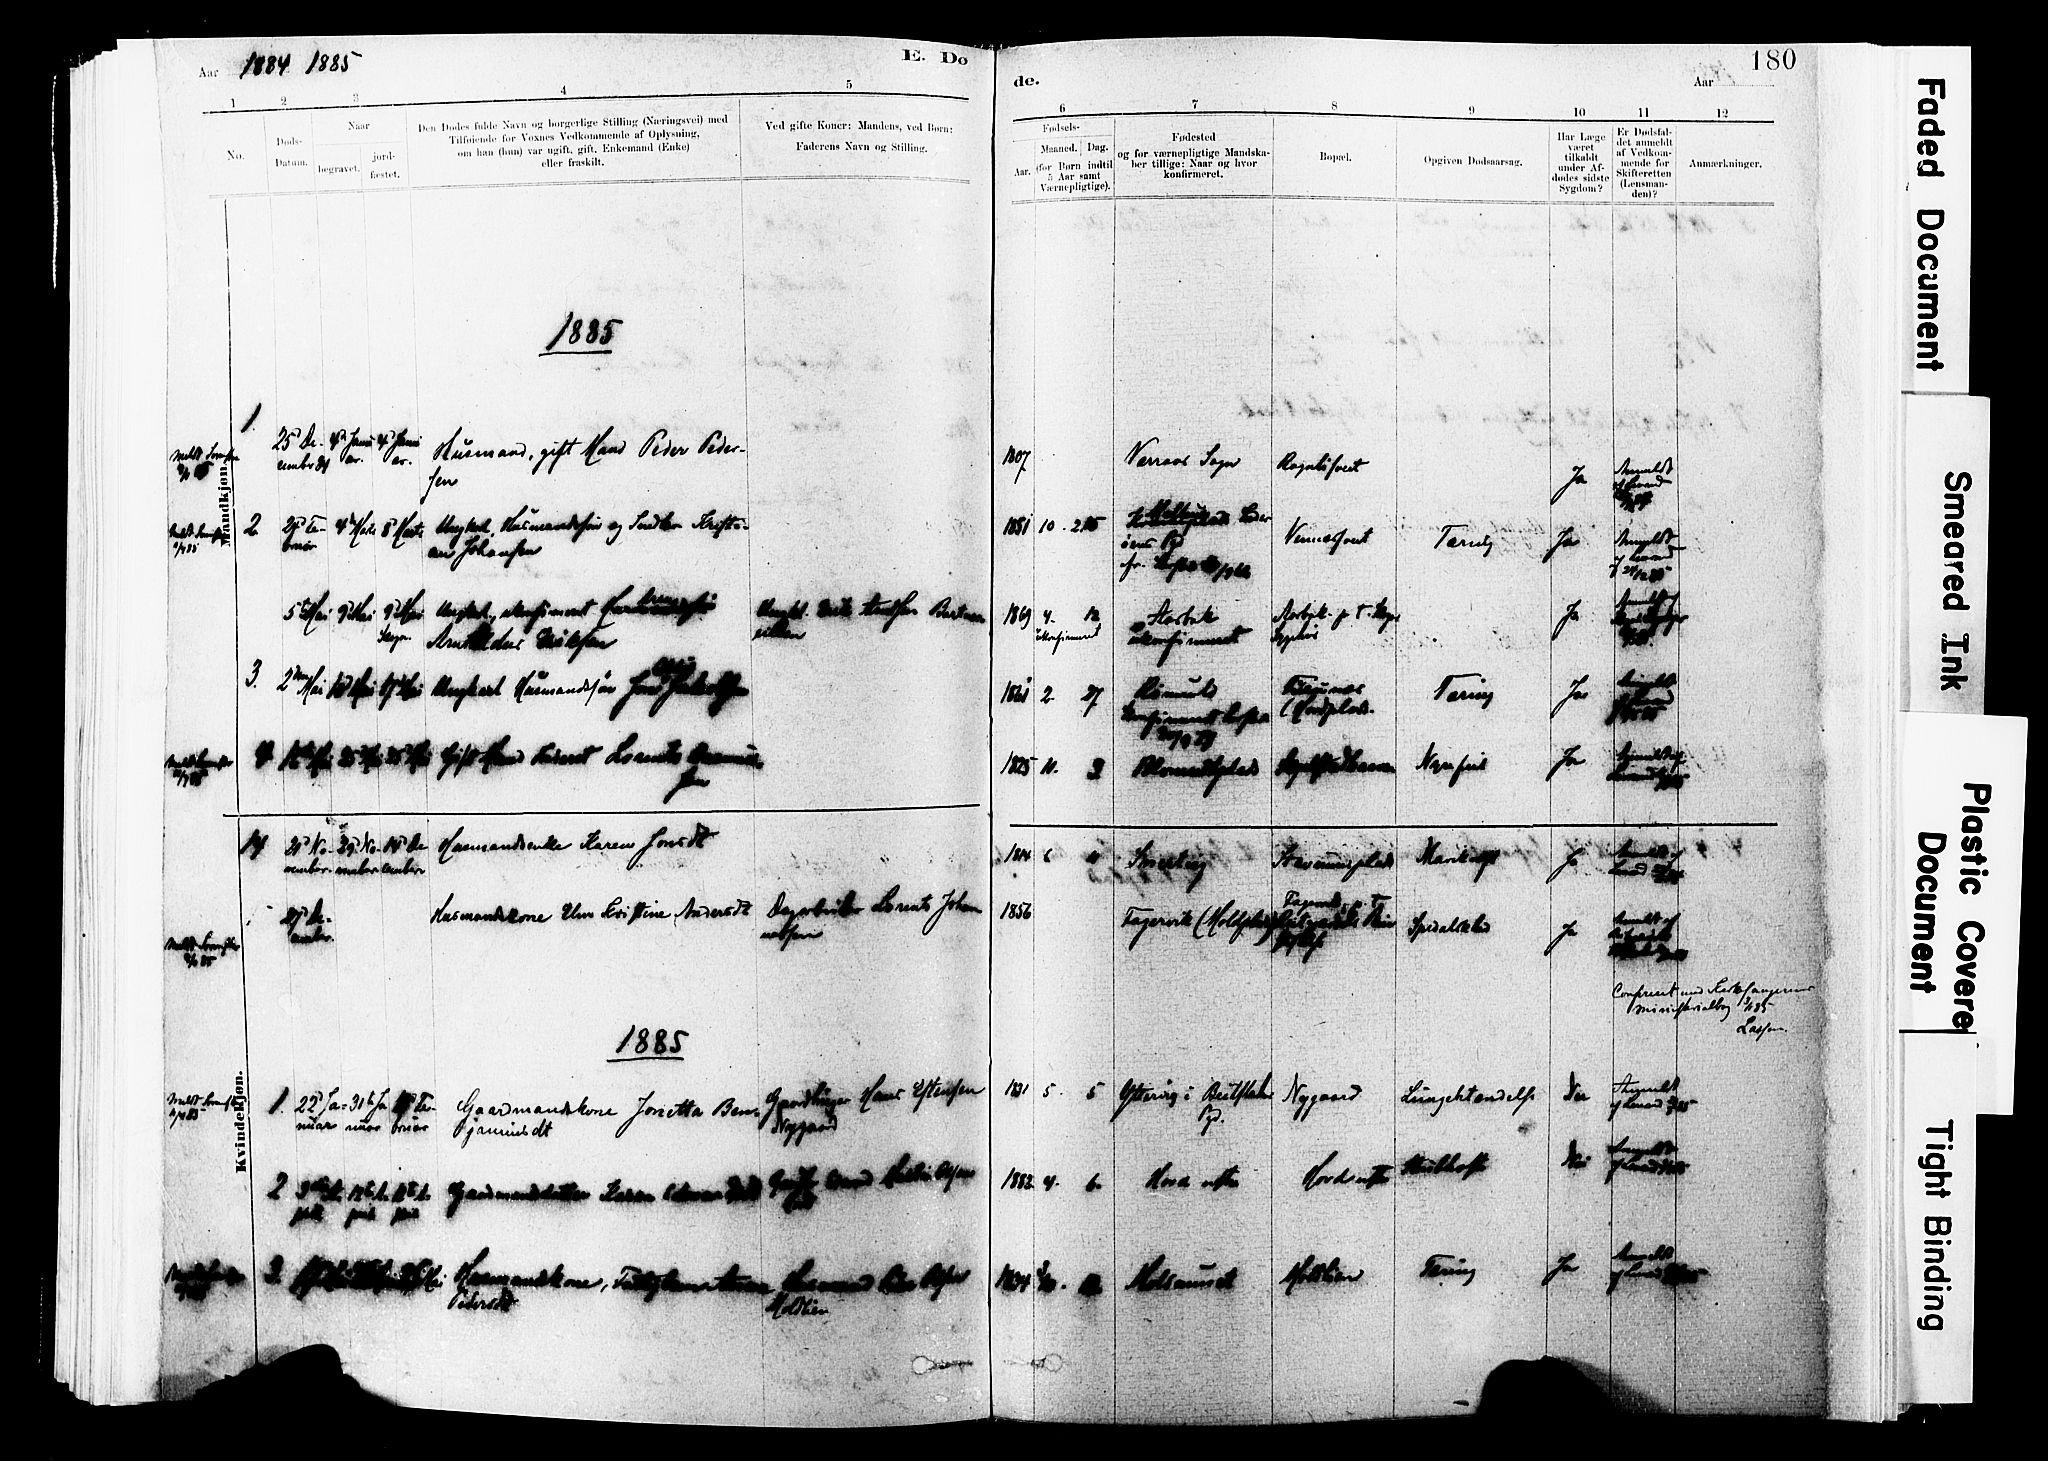 SAT, Ministerialprotokoller, klokkerbøker og fødselsregistre - Nord-Trøndelag, 744/L0420: Ministerialbok nr. 744A04, 1882-1904, s. 180